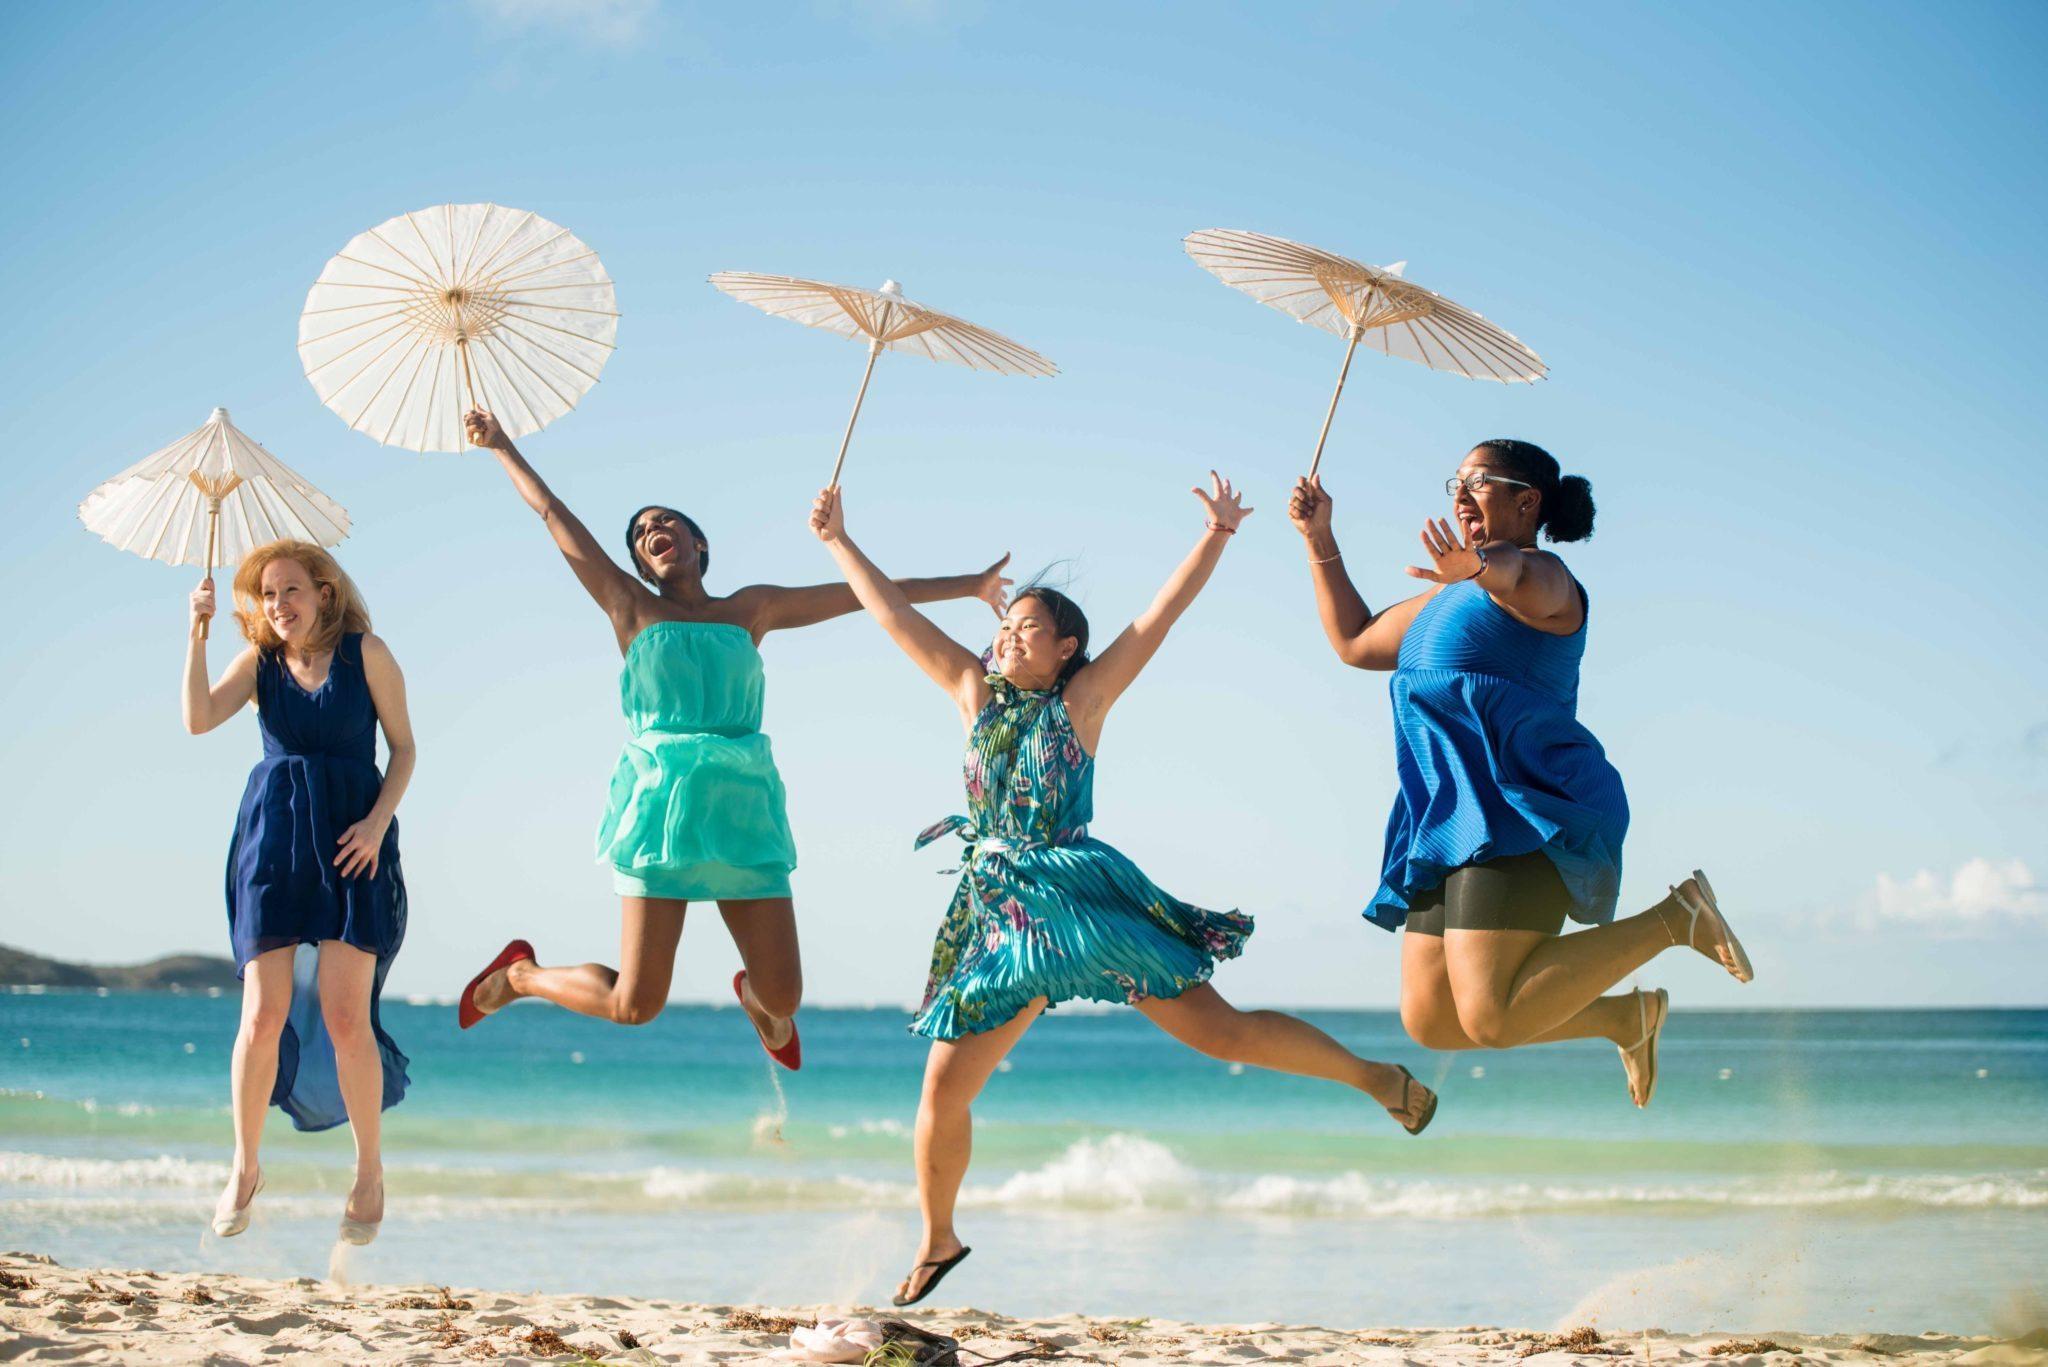 Fun beach wedding photography in Puerto Rico